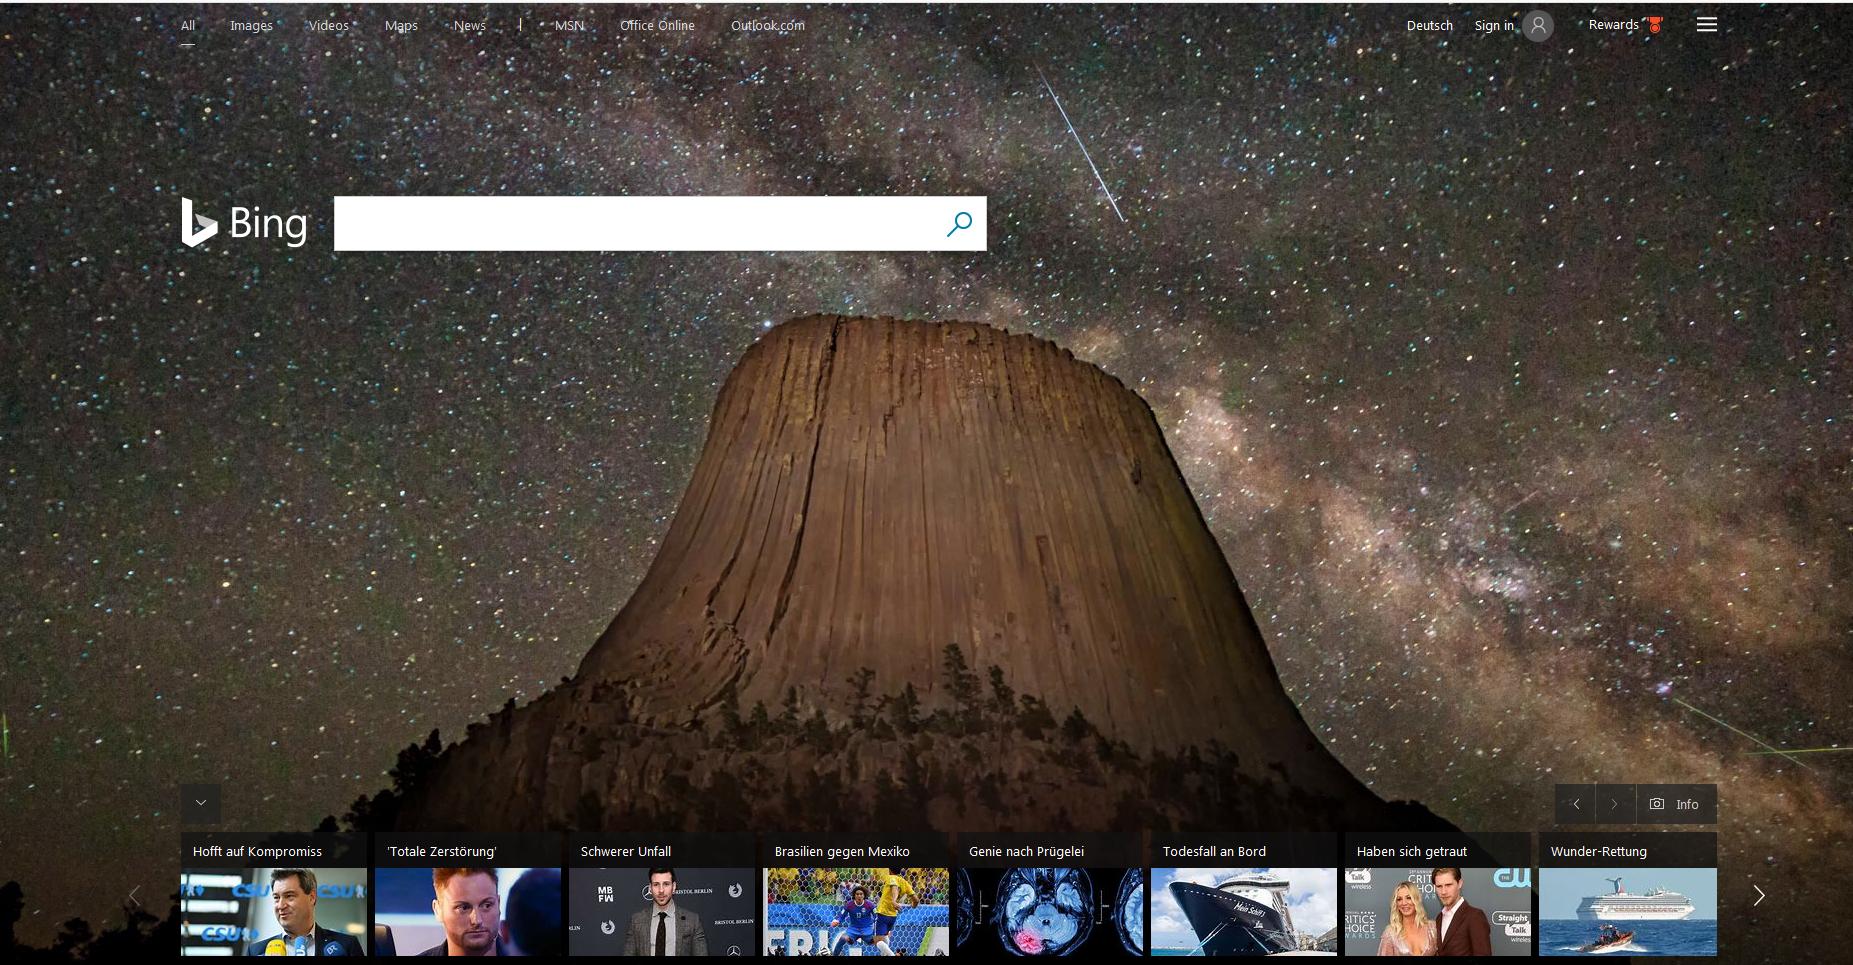 Bild zeigt das Design der Bing Suchmaschine: Foto des Devils Tower in Wyoming